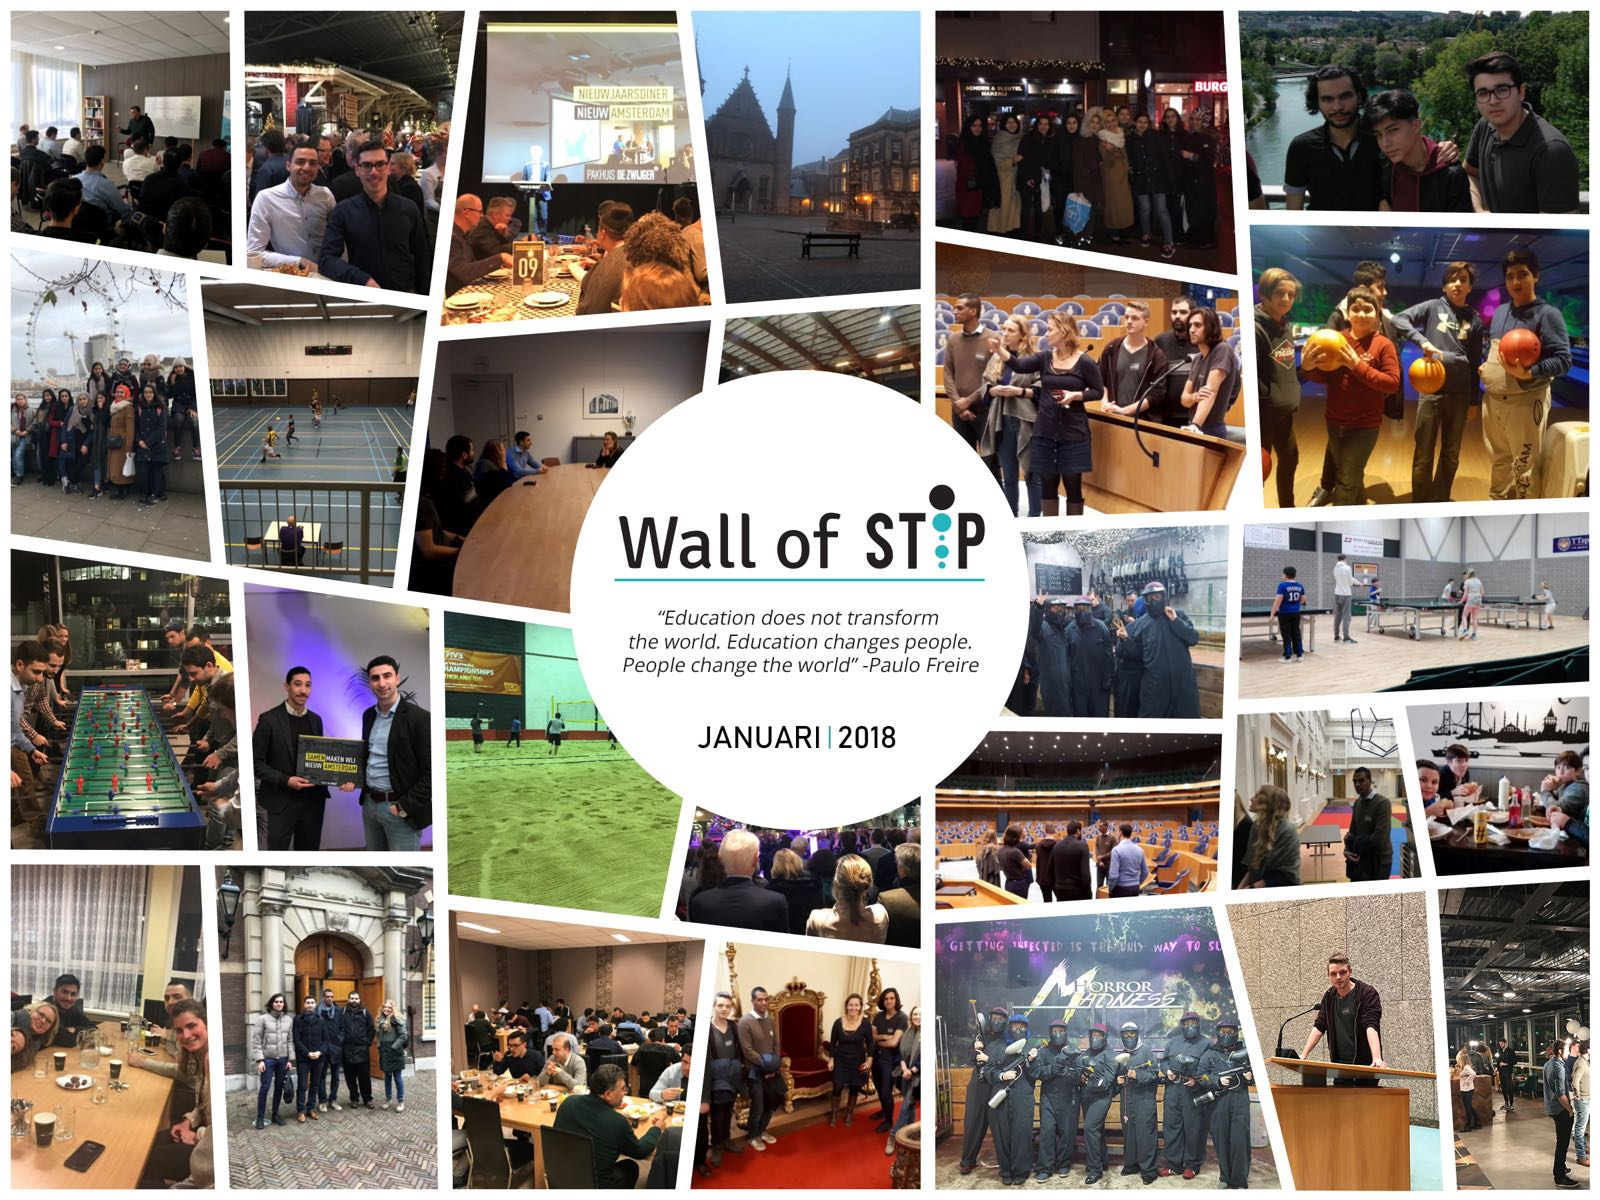 Wall of Stip - Januari 2018